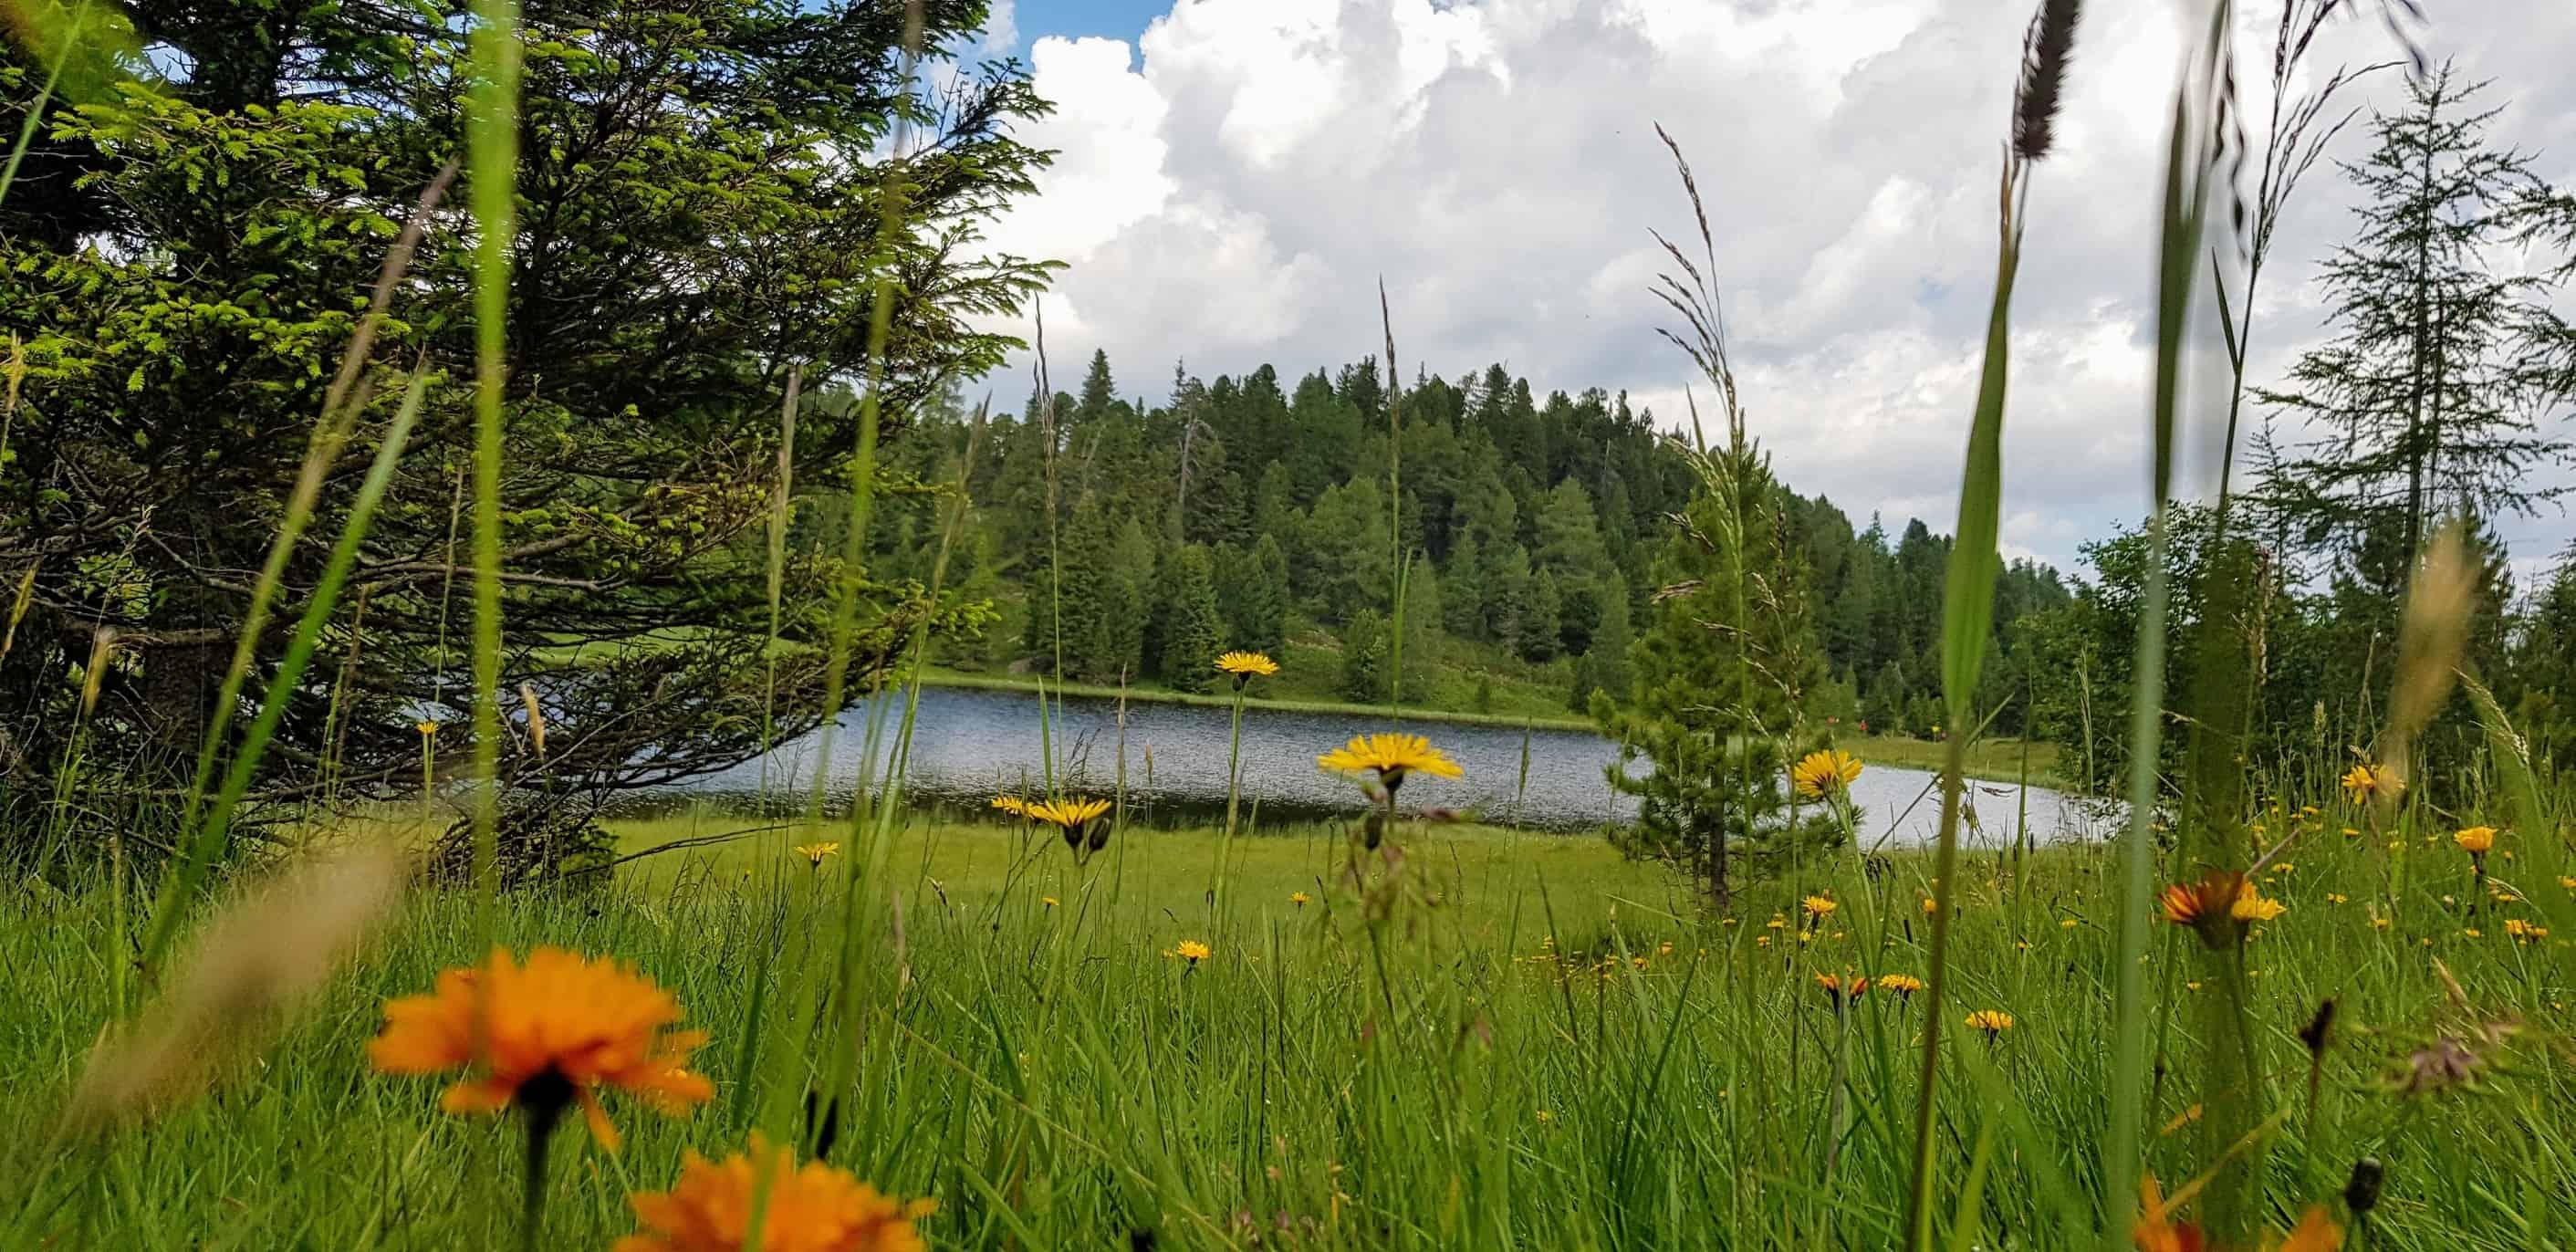 Schwarzsee - Bergsee auf der Turracher Höhe in Kärnten, Ausflugstipp in Österreich